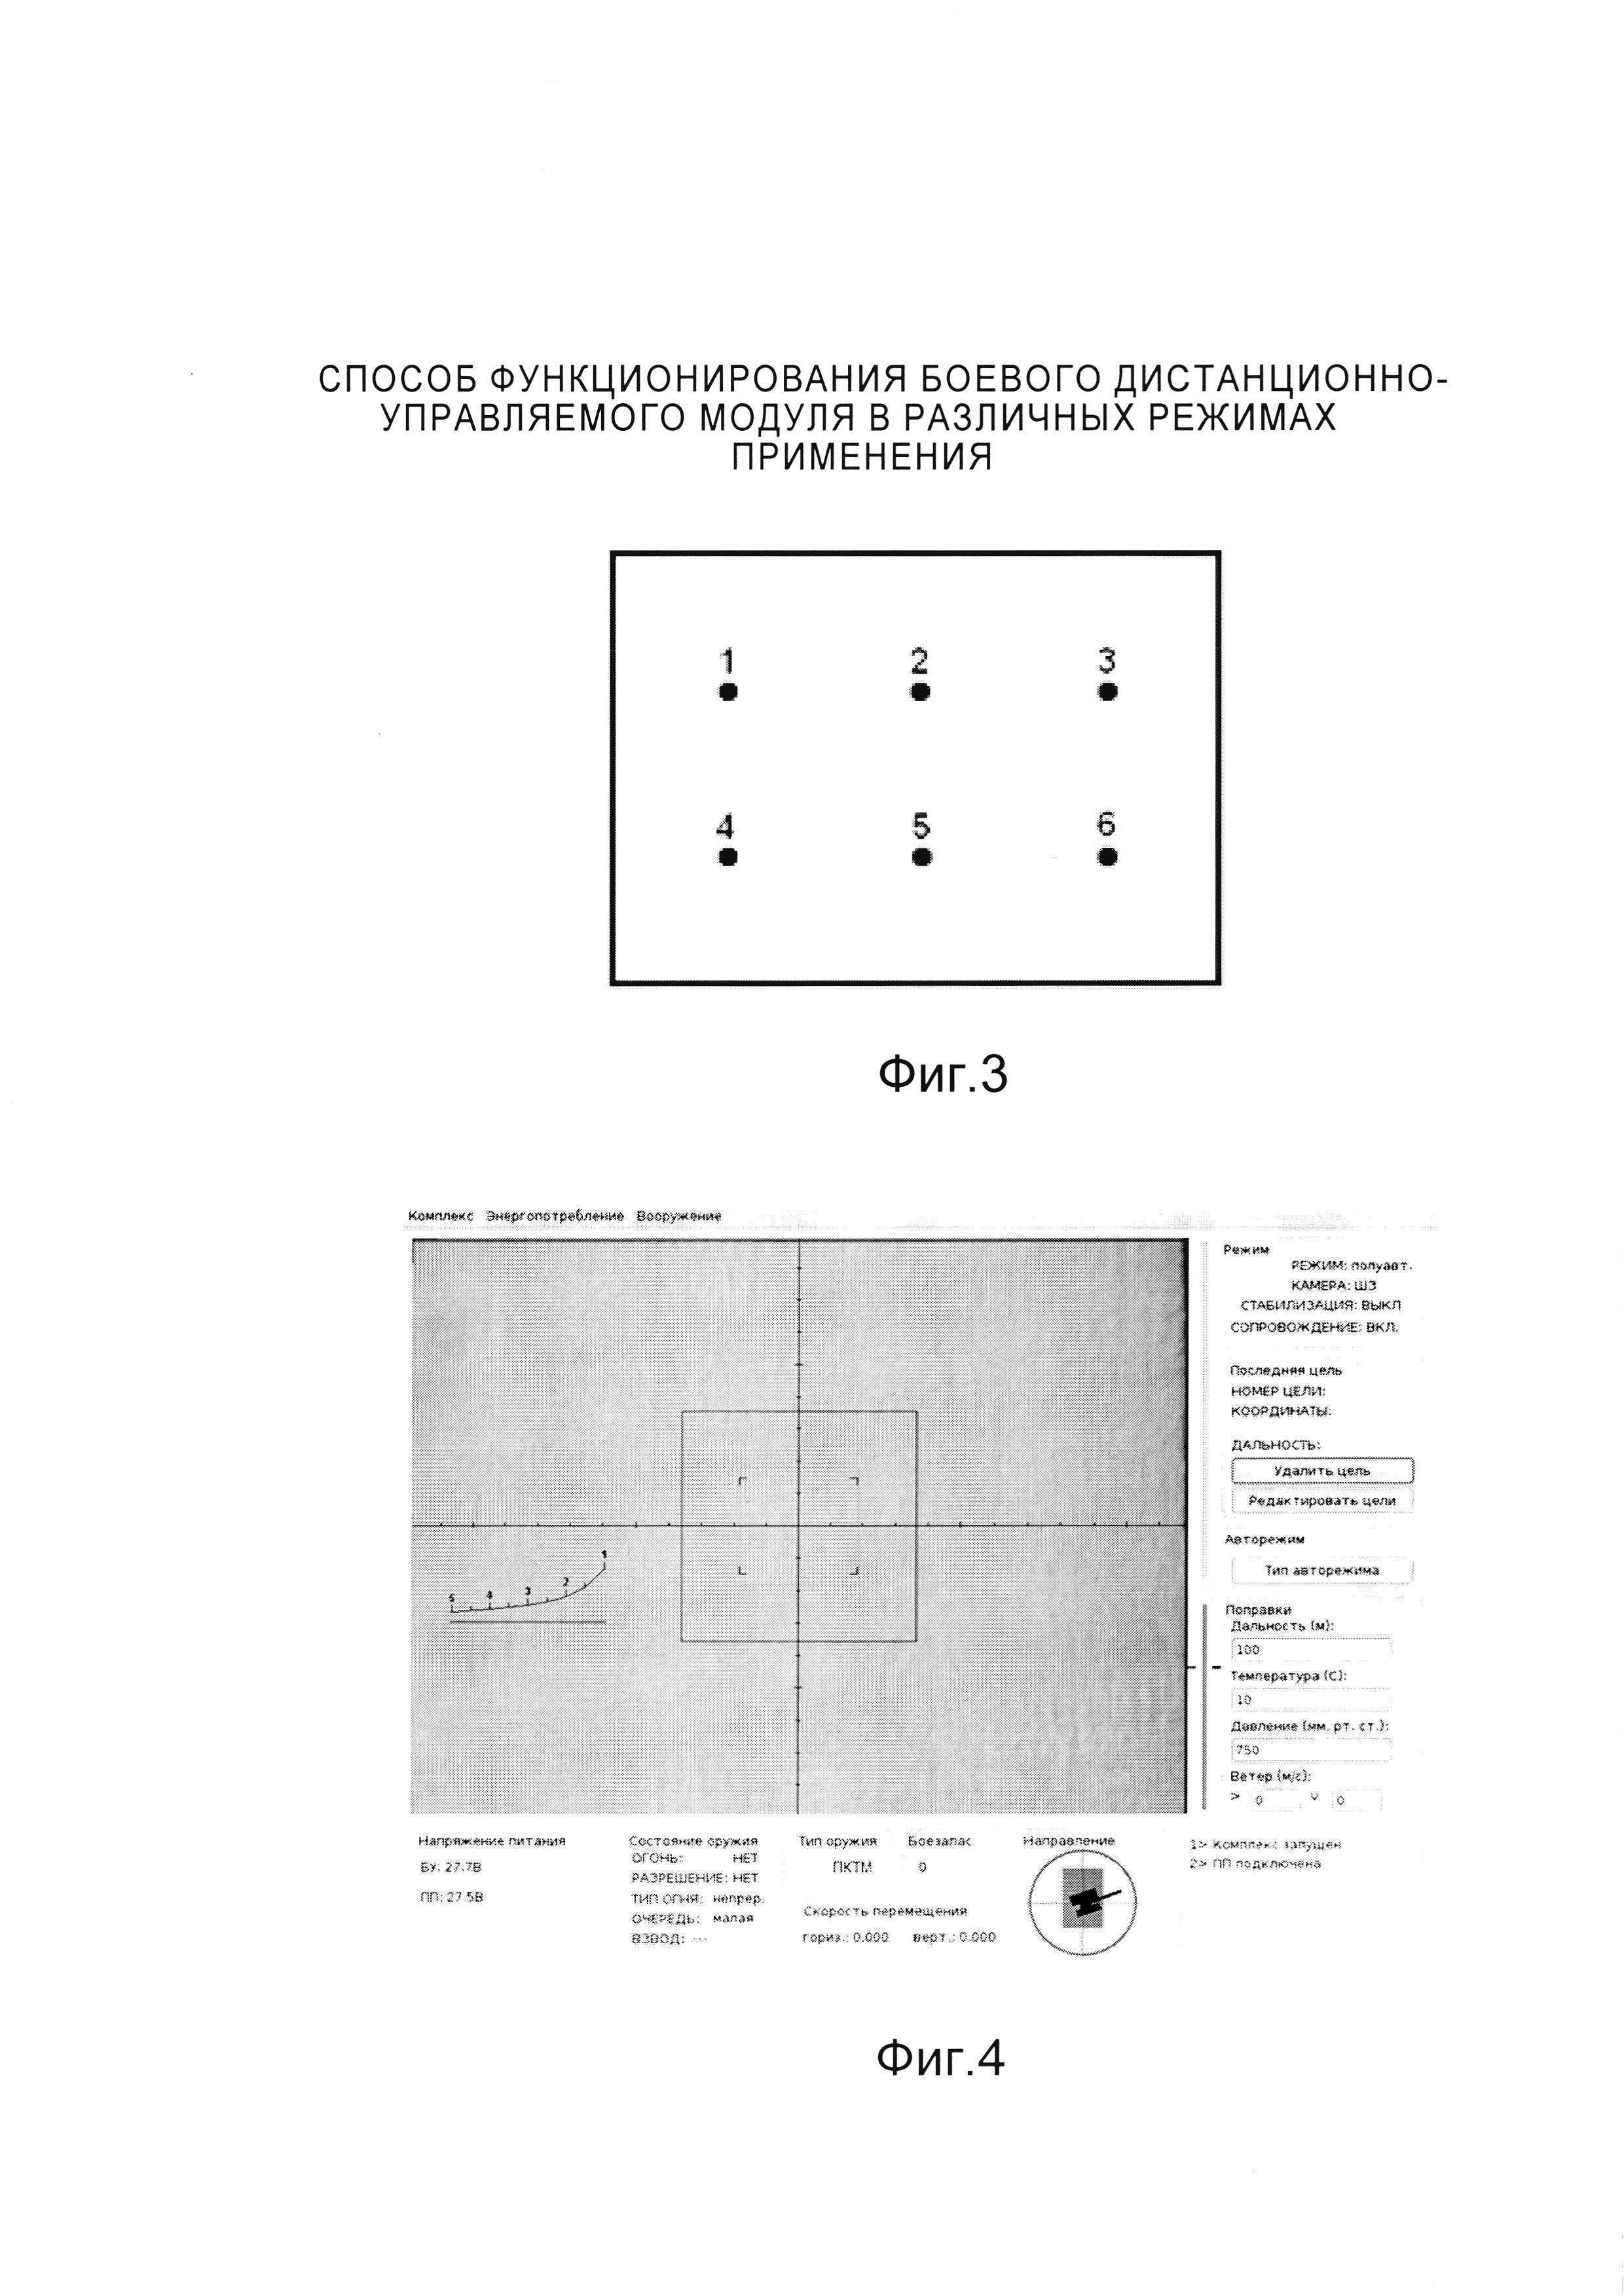 Способ функционирования боевого дистанционно управляемого модуля в различных режимах применения